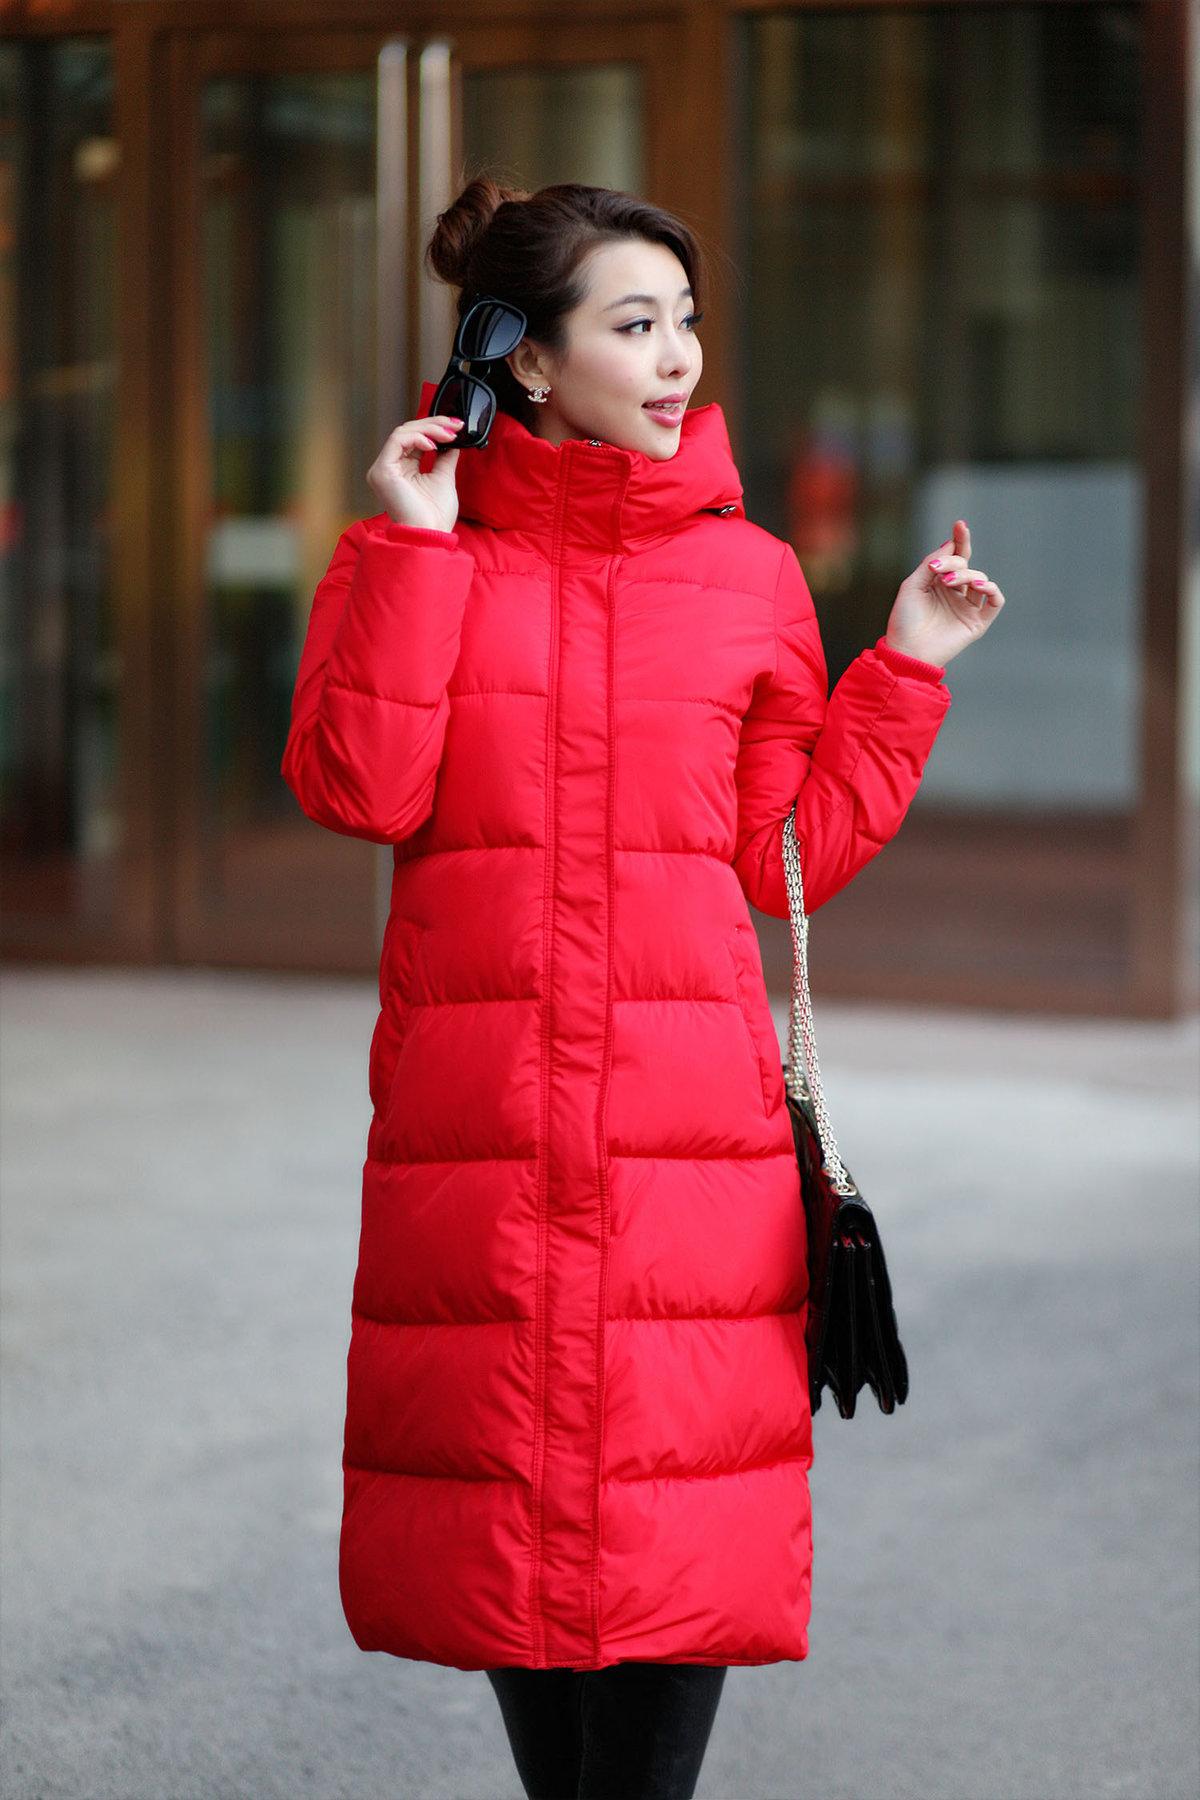 Зимние пальто и куртки женские фото ростов